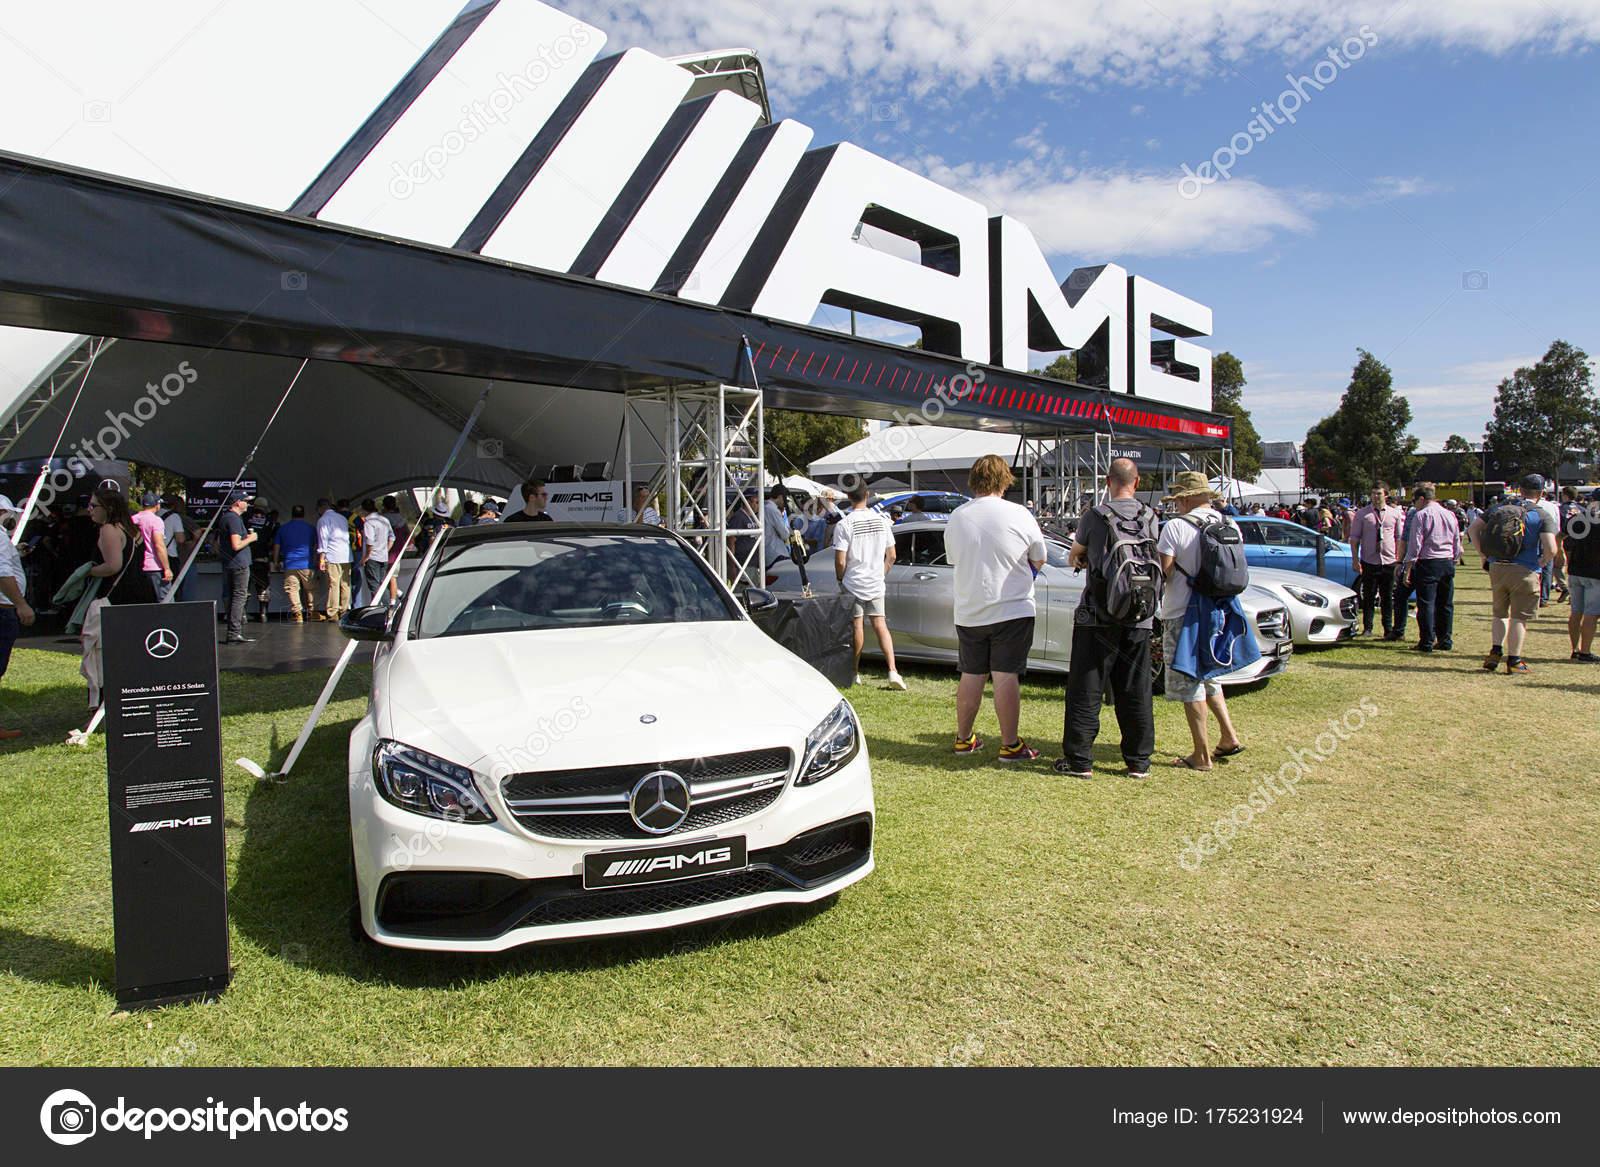 Melbourne Austrália Março 2017 Mercedes Amg Ostenta Carros Exposição Albert  U2014 Fotografia De Stock